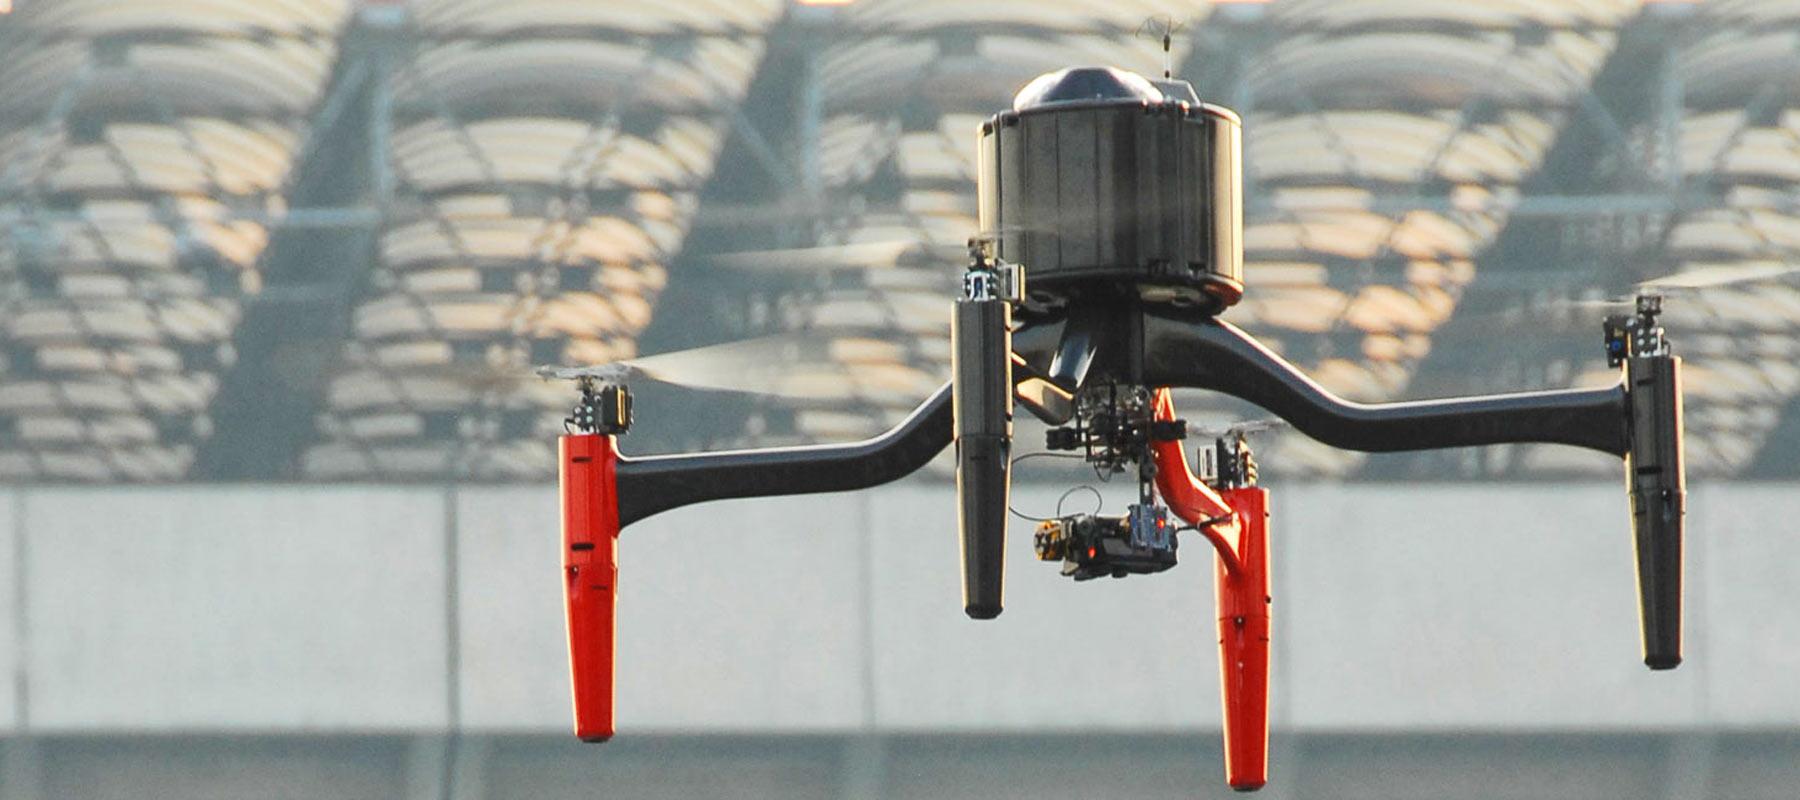 Aggiornamento DroneZip.it